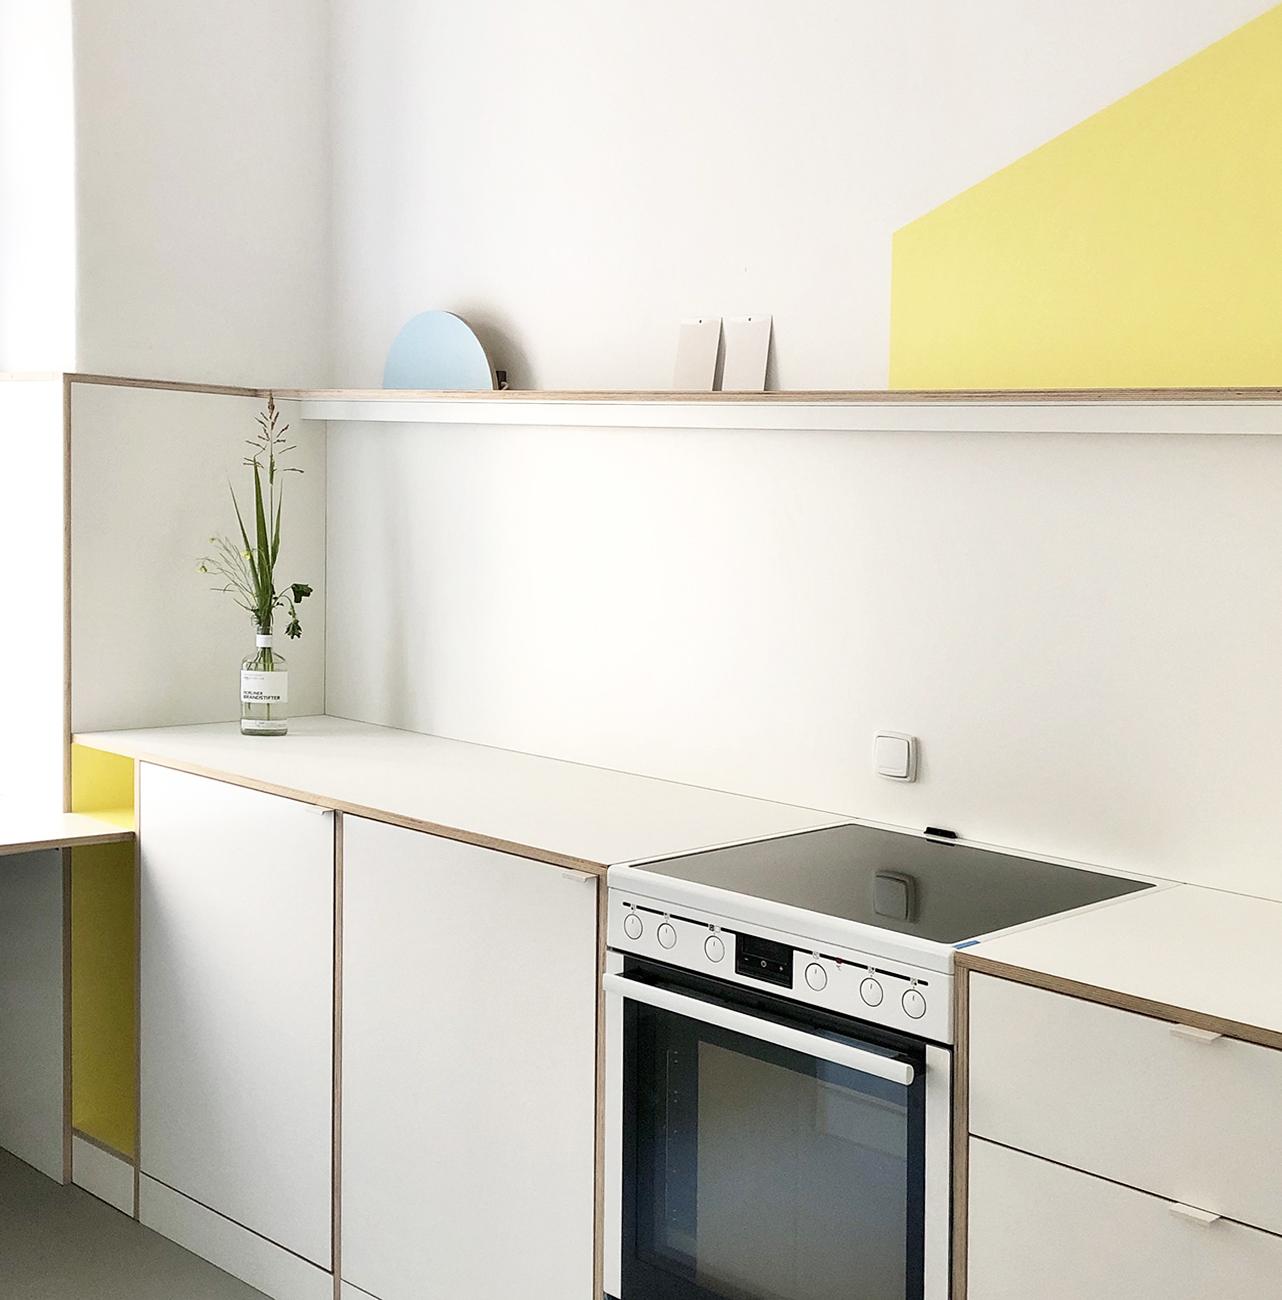 Ein Küchen Design aus weißen Multiplex-Platten mit Holzkanten und farbigen Akzenten in gelb und blau.